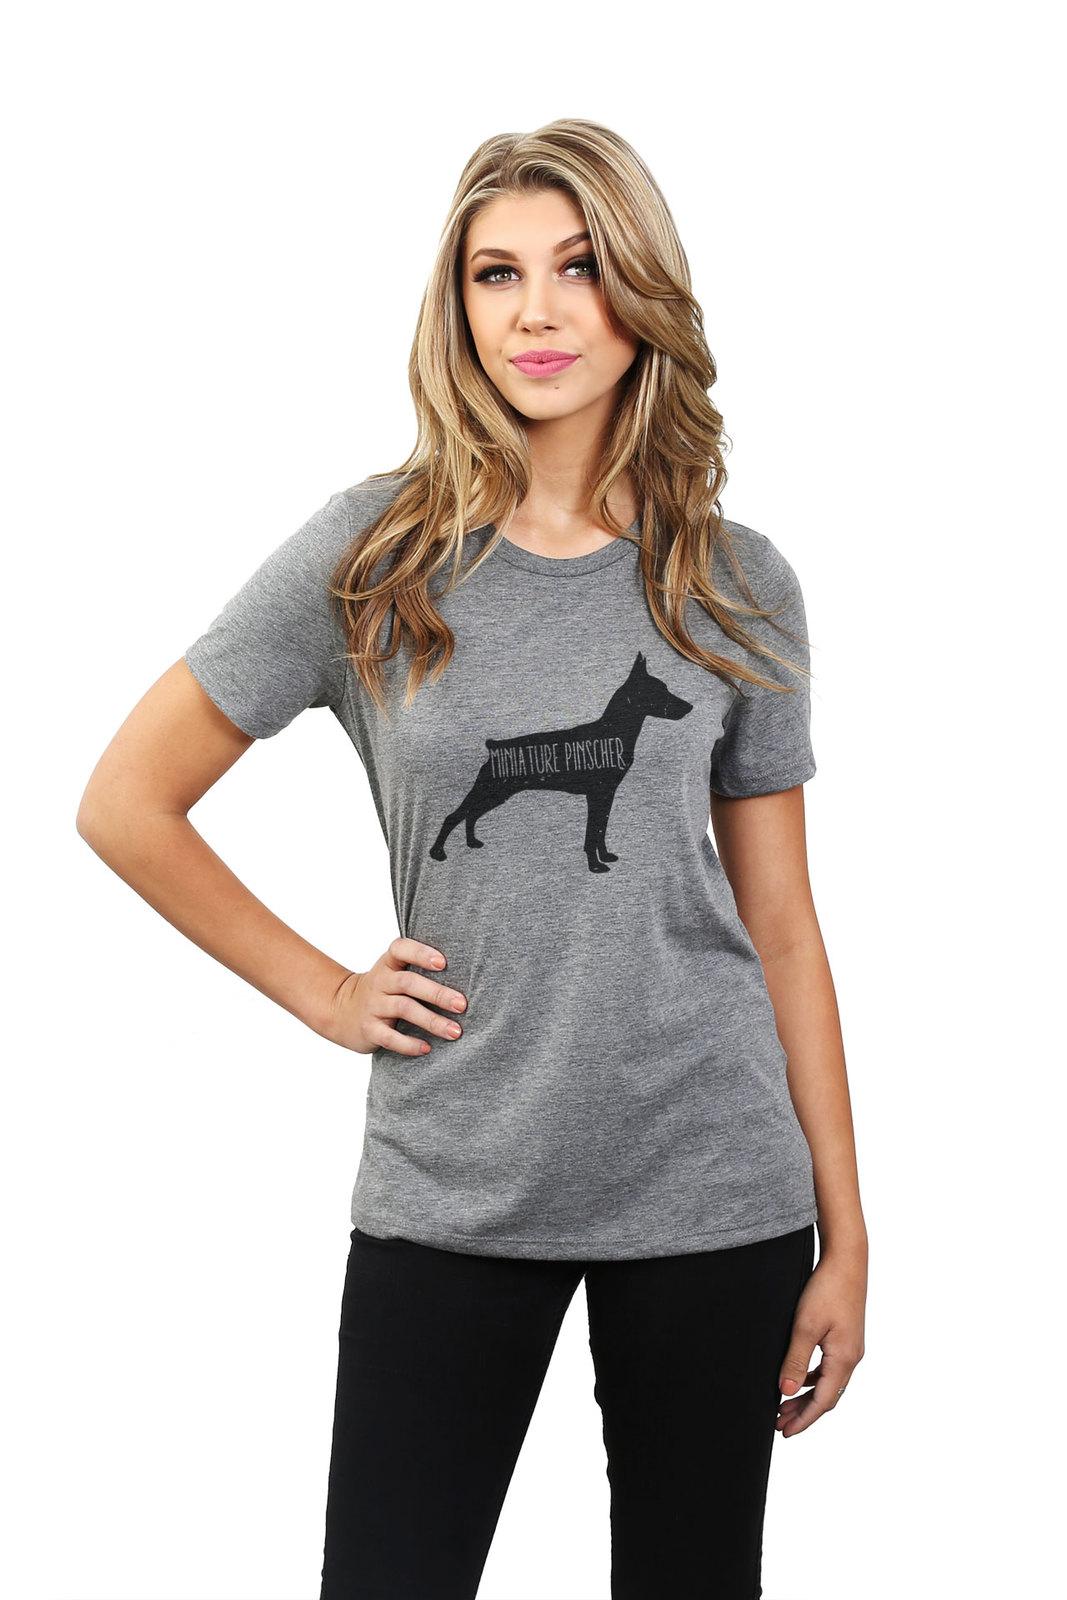 Thread Tank Miniature Pinscher Dog Silhouette Women's Relaxed T-Shirt Tee Heathe